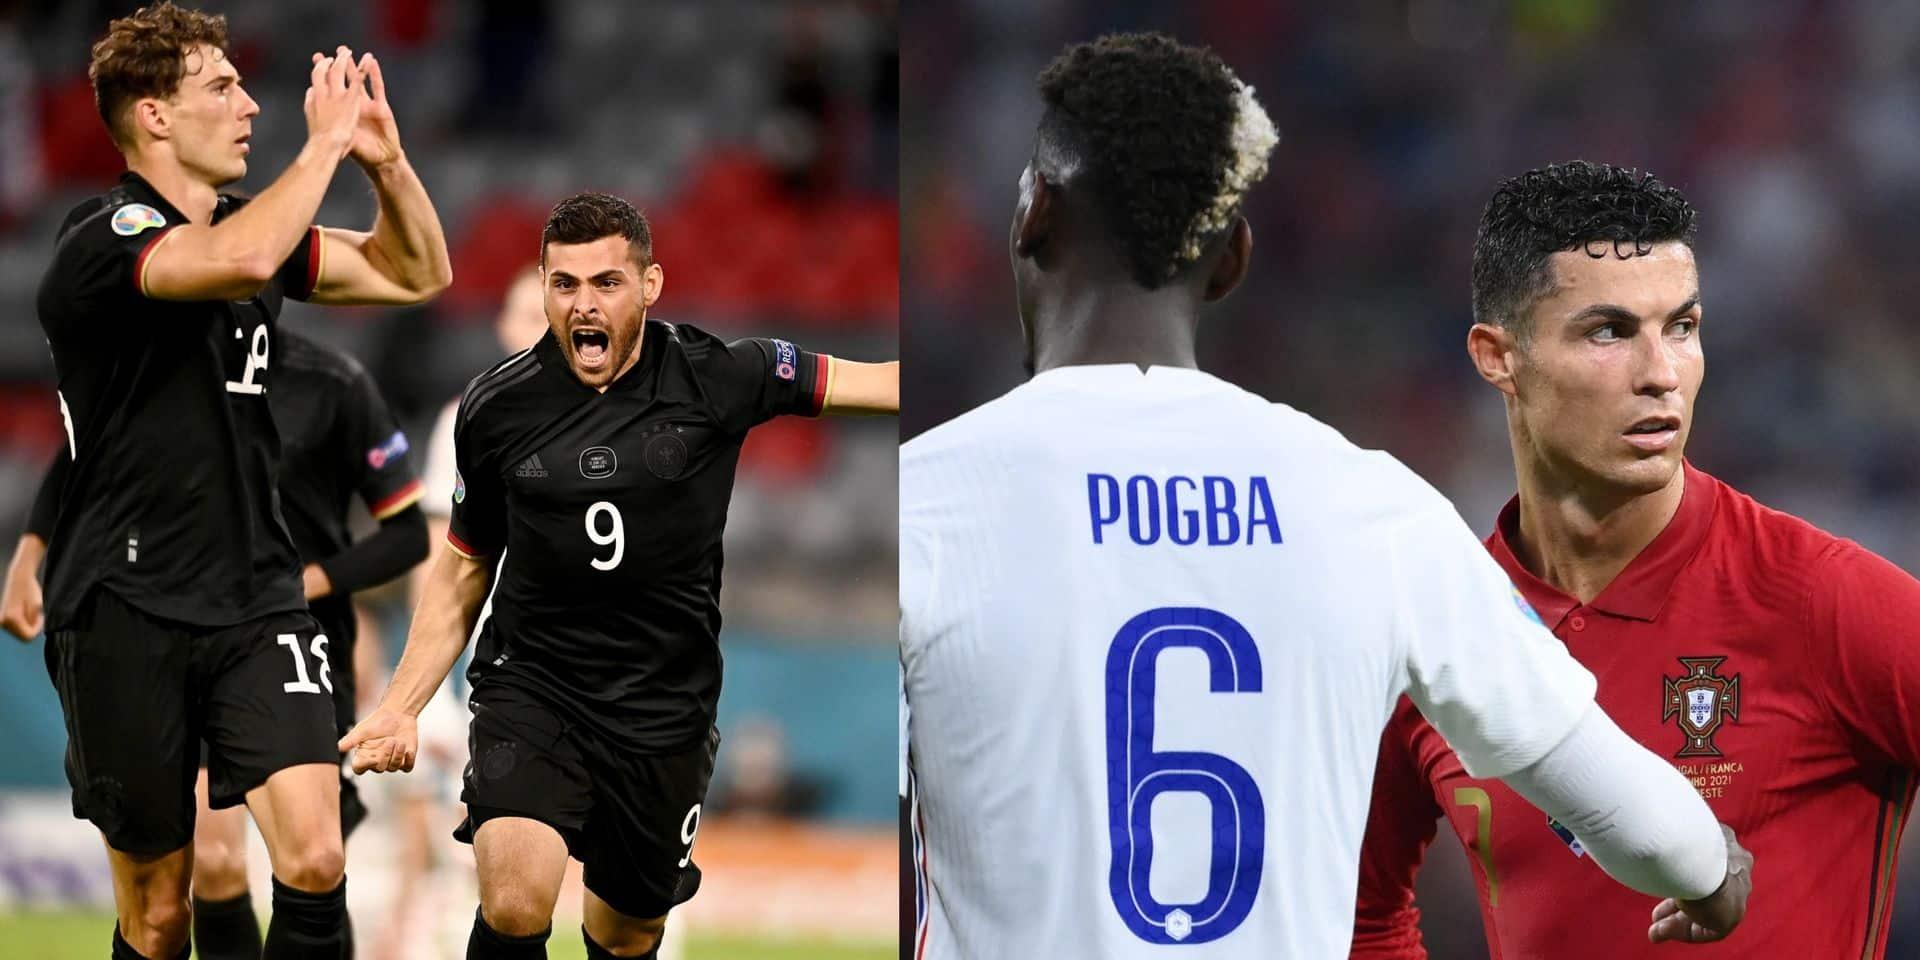 La France et le Portugal se neutralisent au terme d'un match fou, l'Allemagne s'en sort de justesse face à la Hongrie